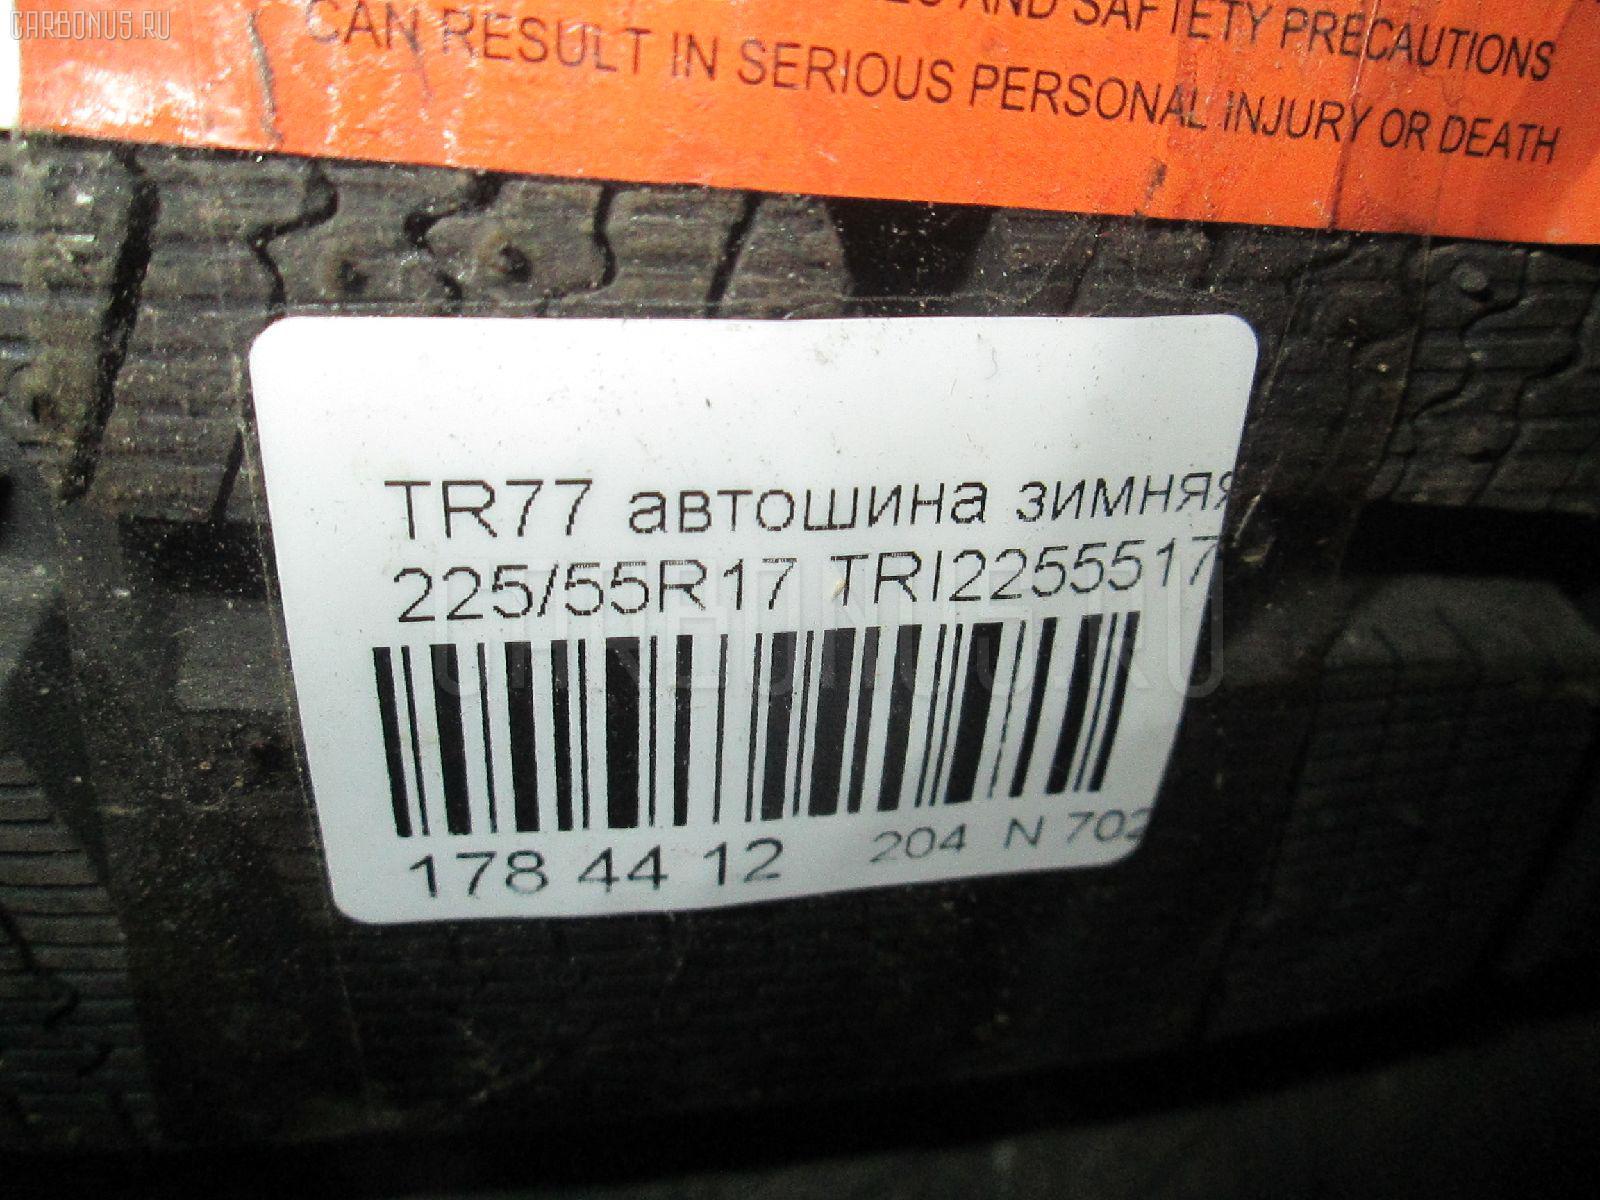 Автошина легковая зимняя TR777 225/55R17 TRIANGLE Фото 4